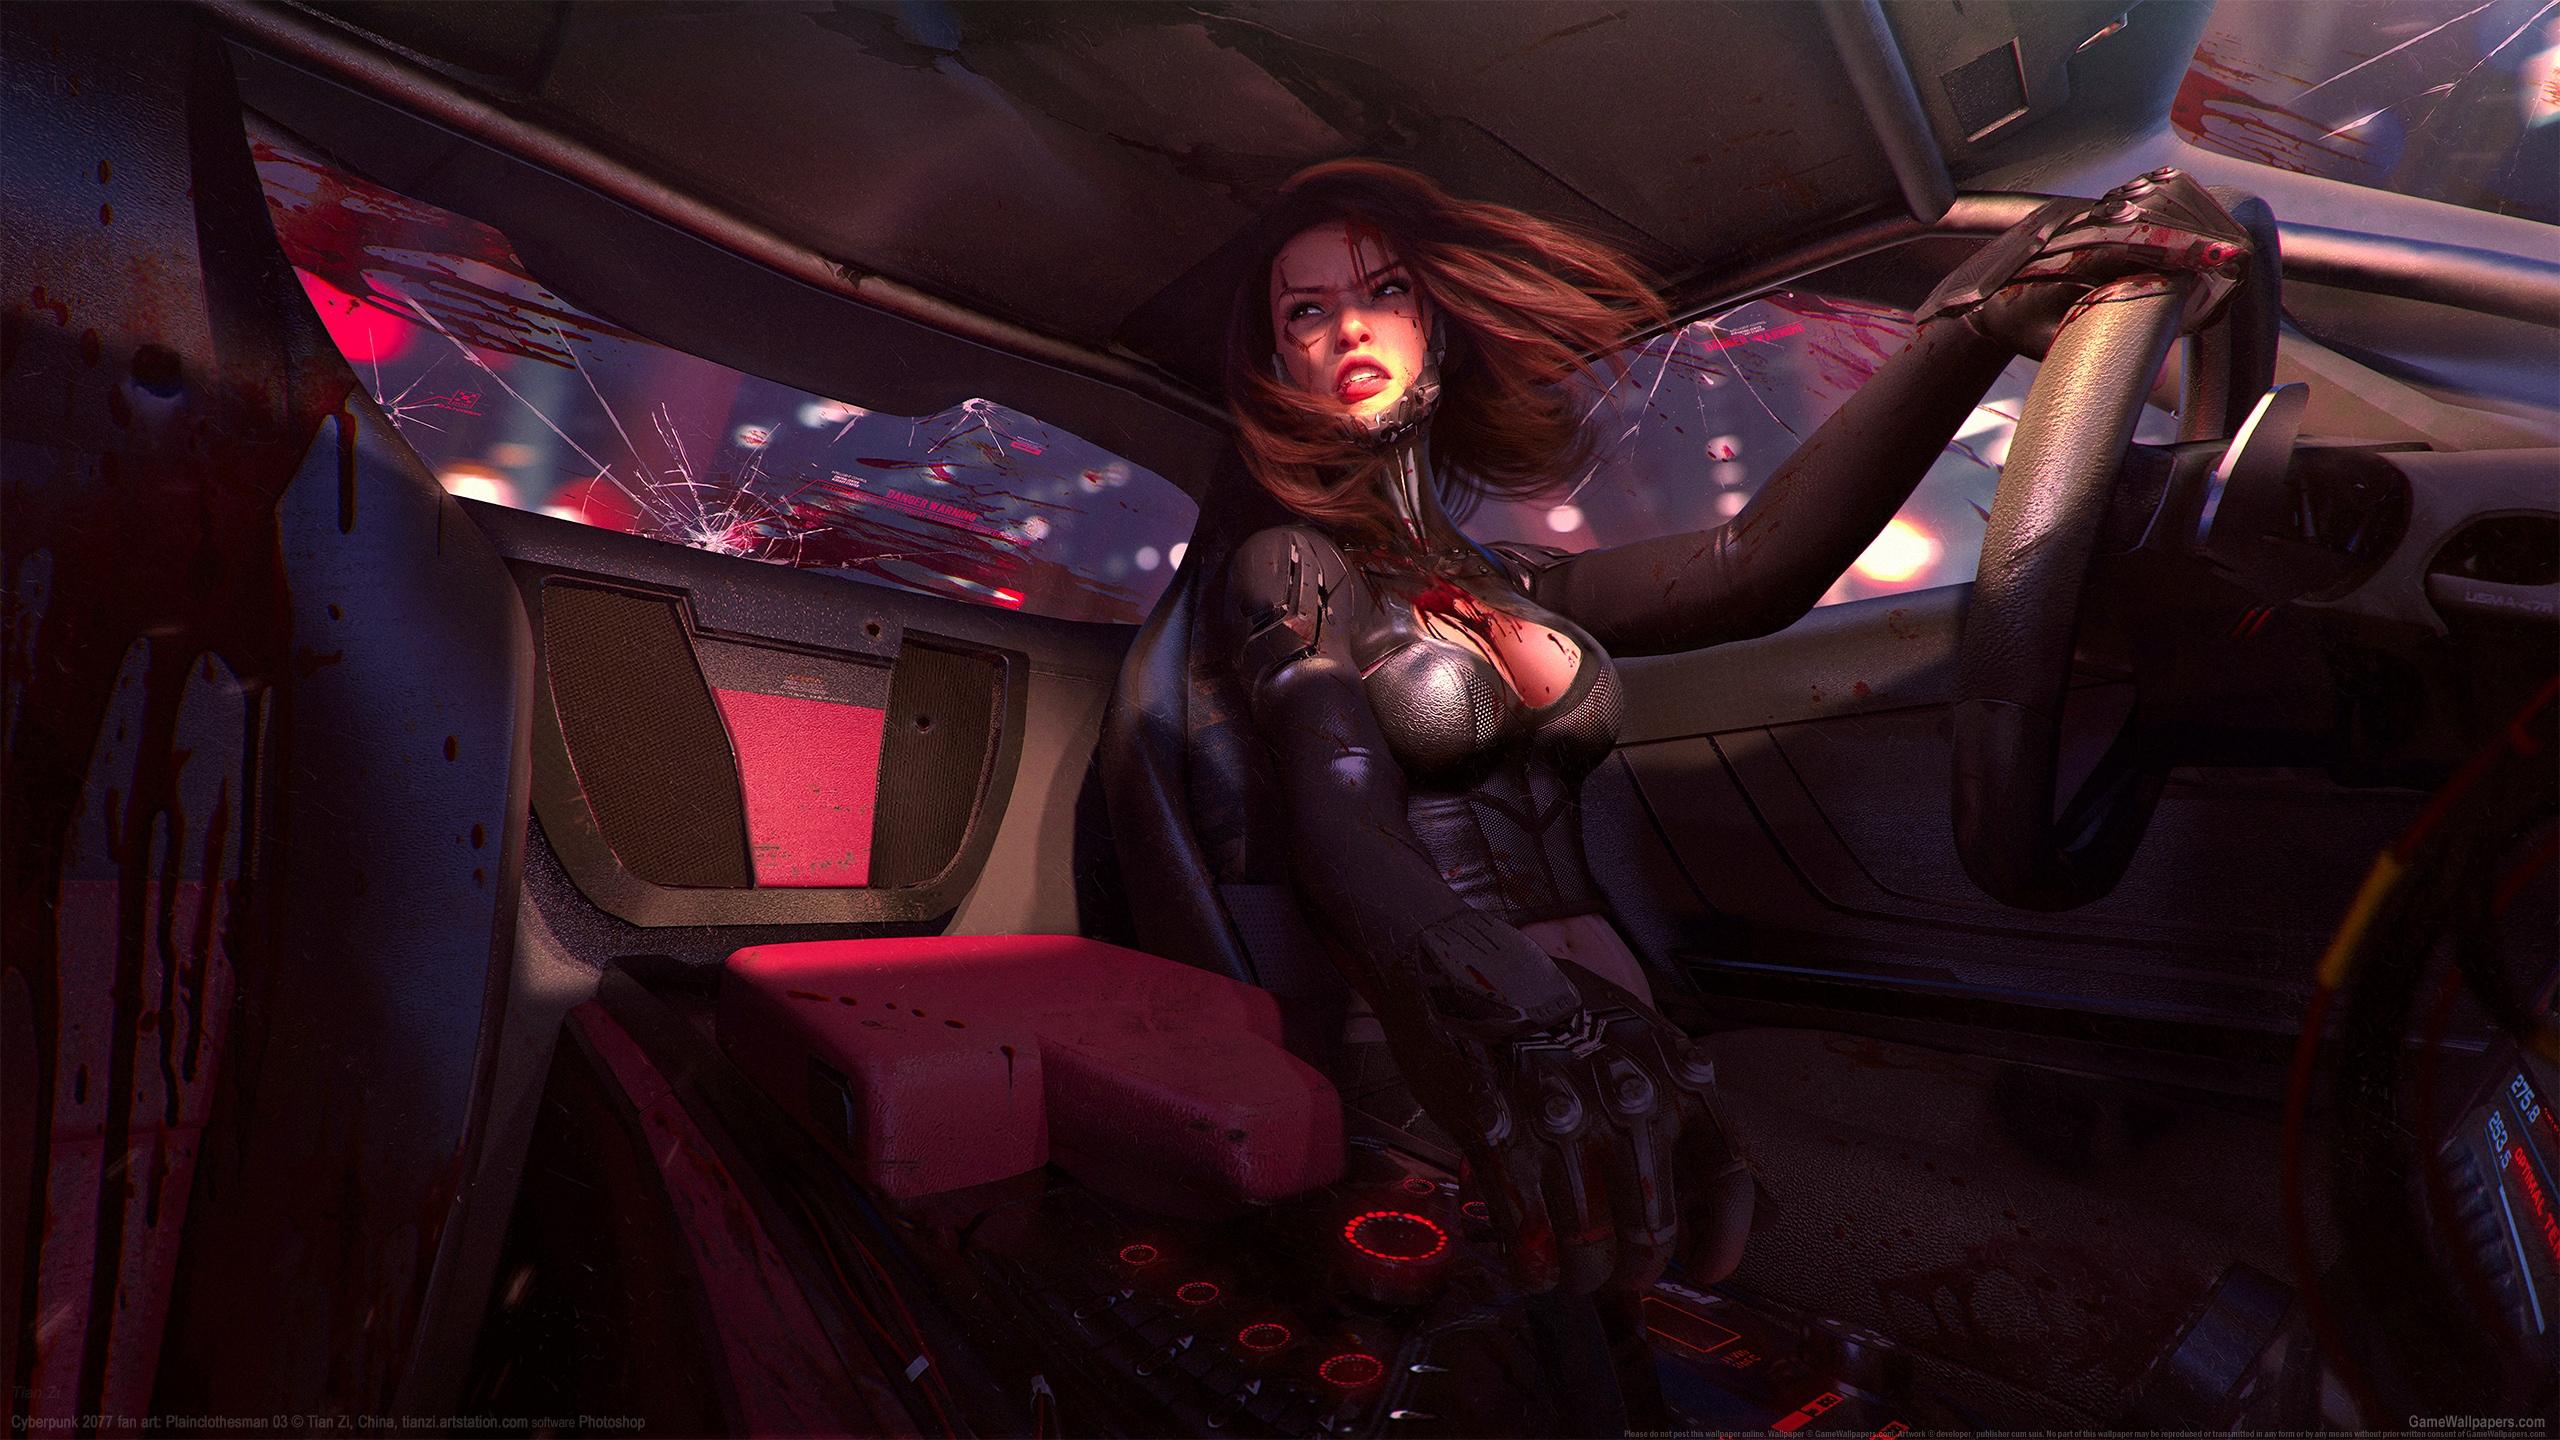 Cyberpunk 2077 fan art 2560x1440 wallpaper or background 01